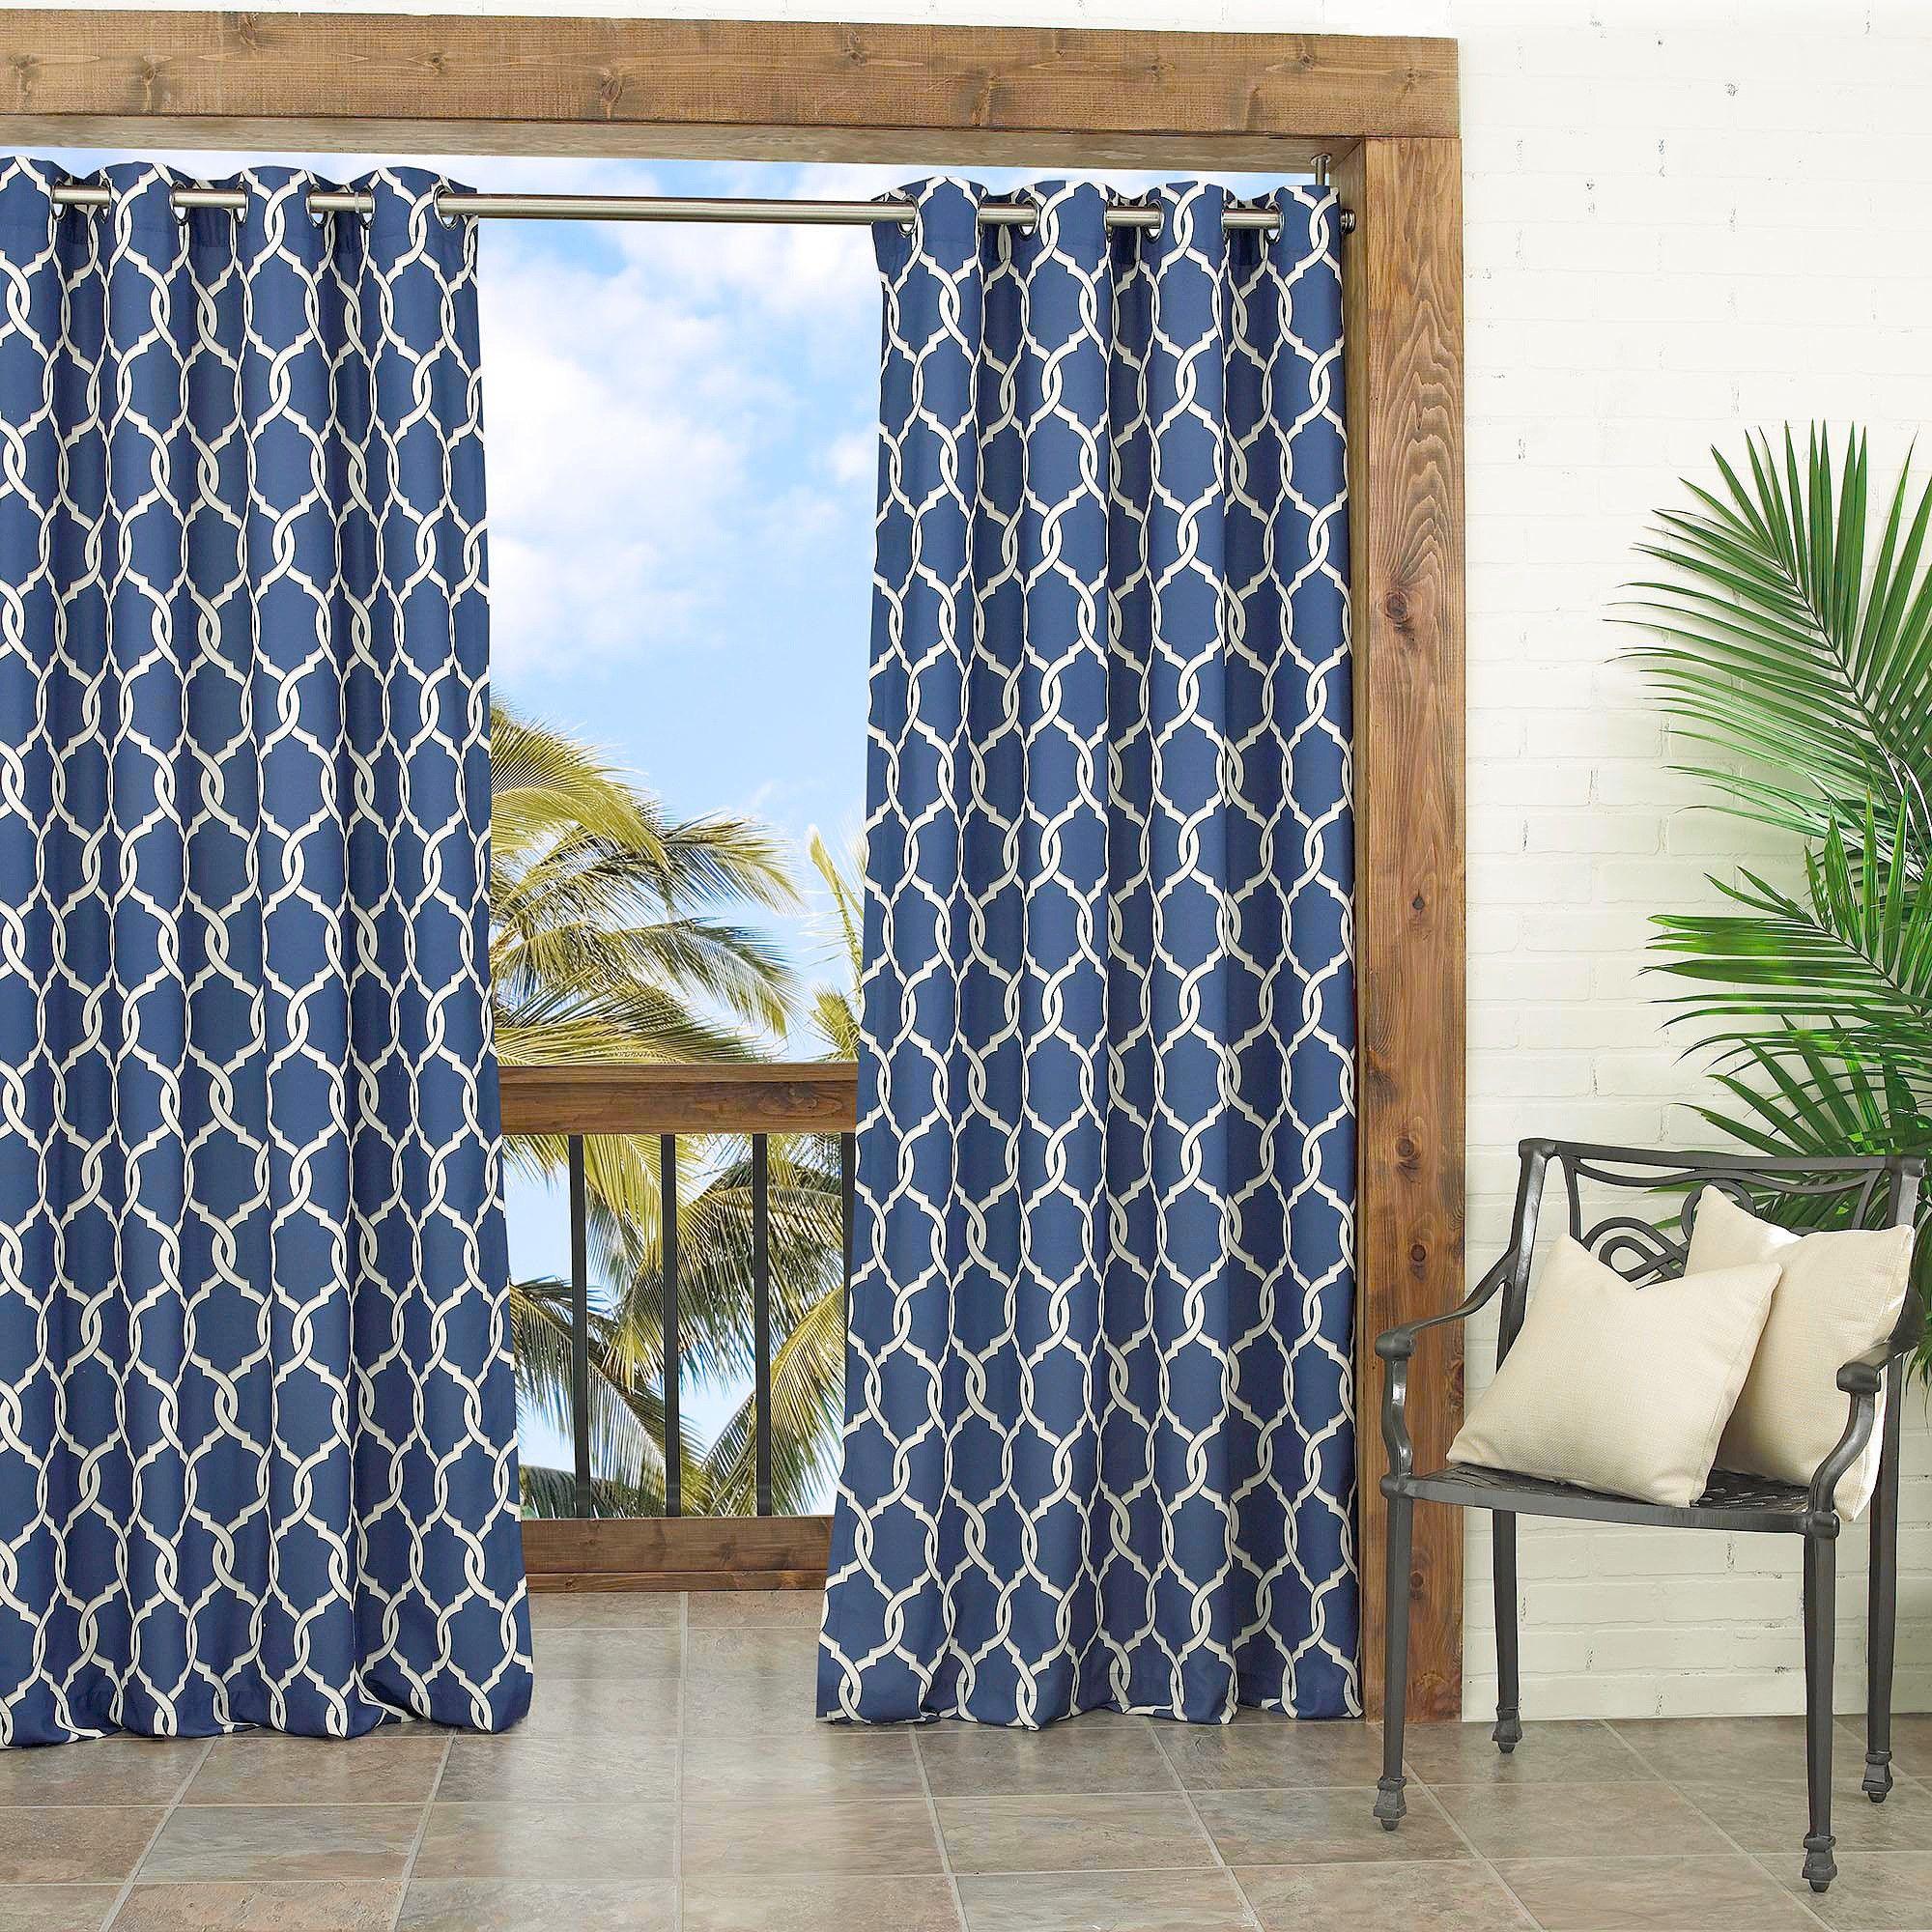 Parasol Totten Key Trellis Indoor Outdoor Panel Target Indoor Outdoor Curtains Outdoor Curtain Panels Outdoor Panels